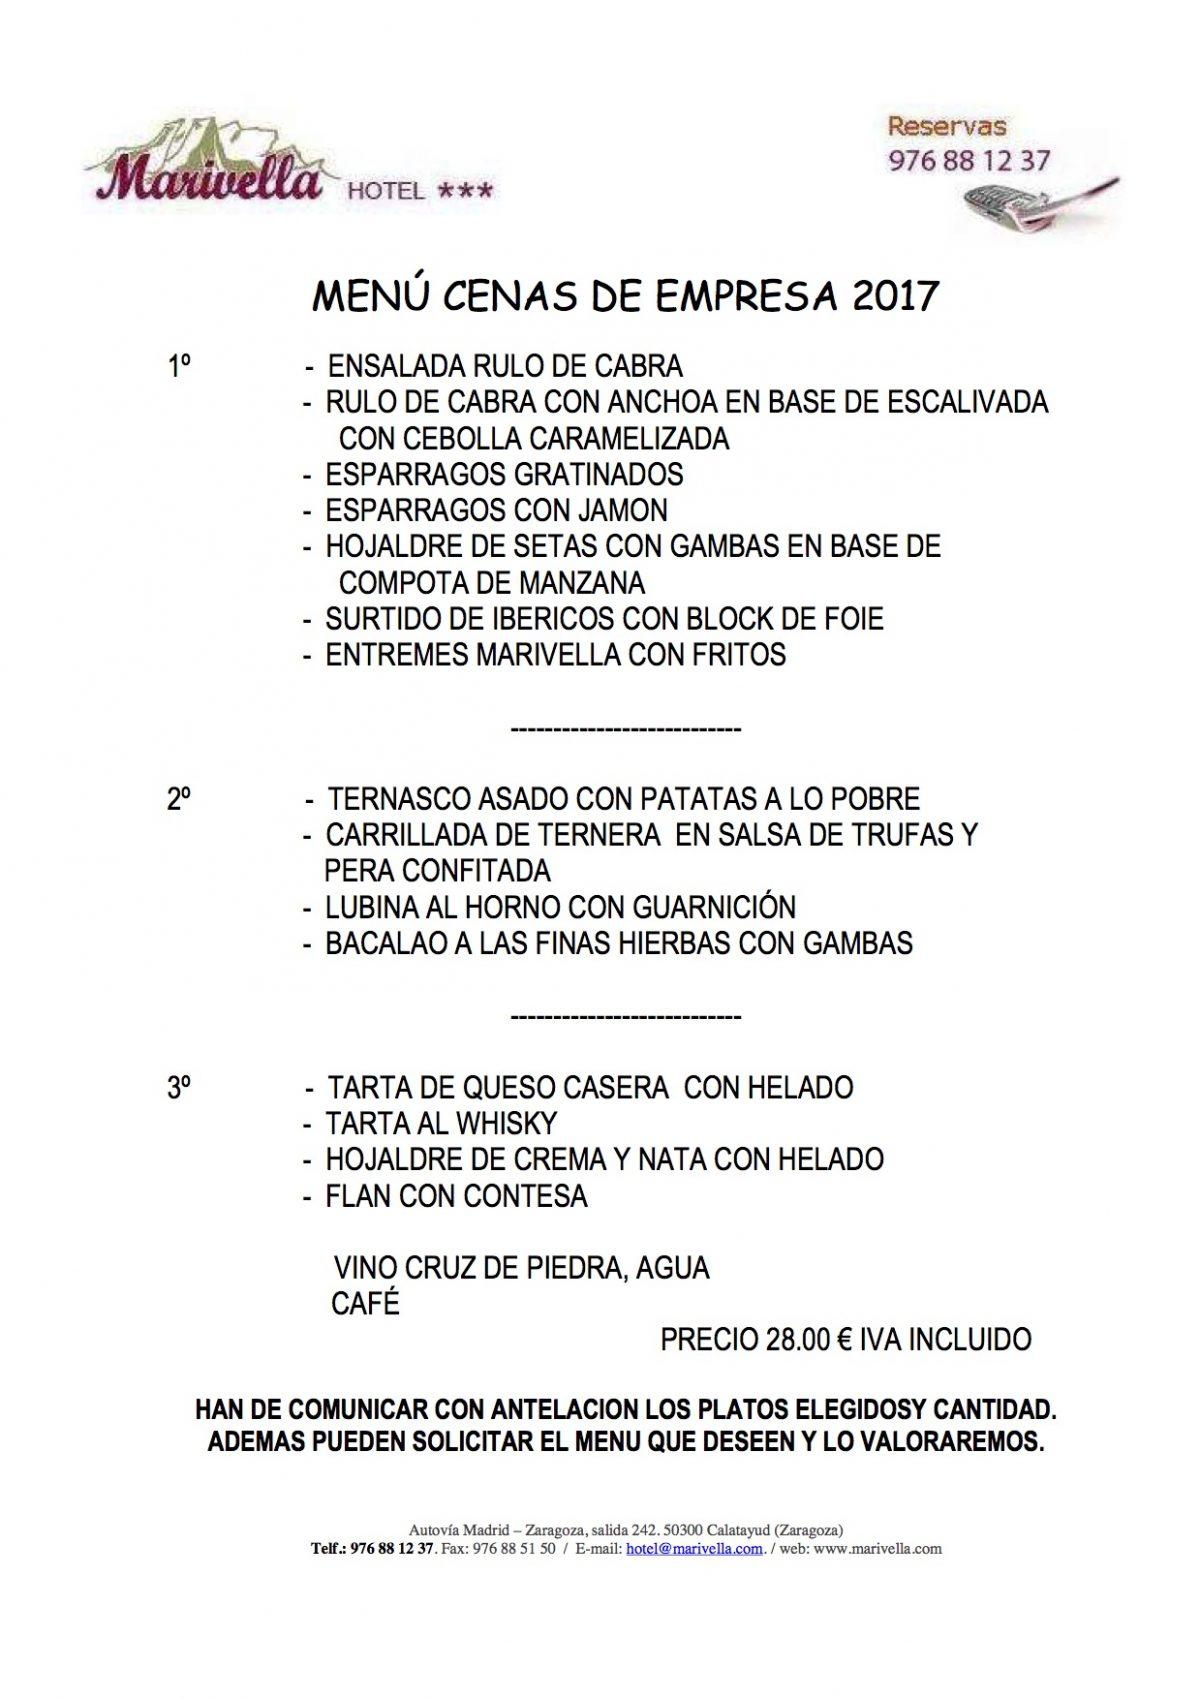 CENAS-DE-EMPRESA-2017-211117-1200x1699.jpg